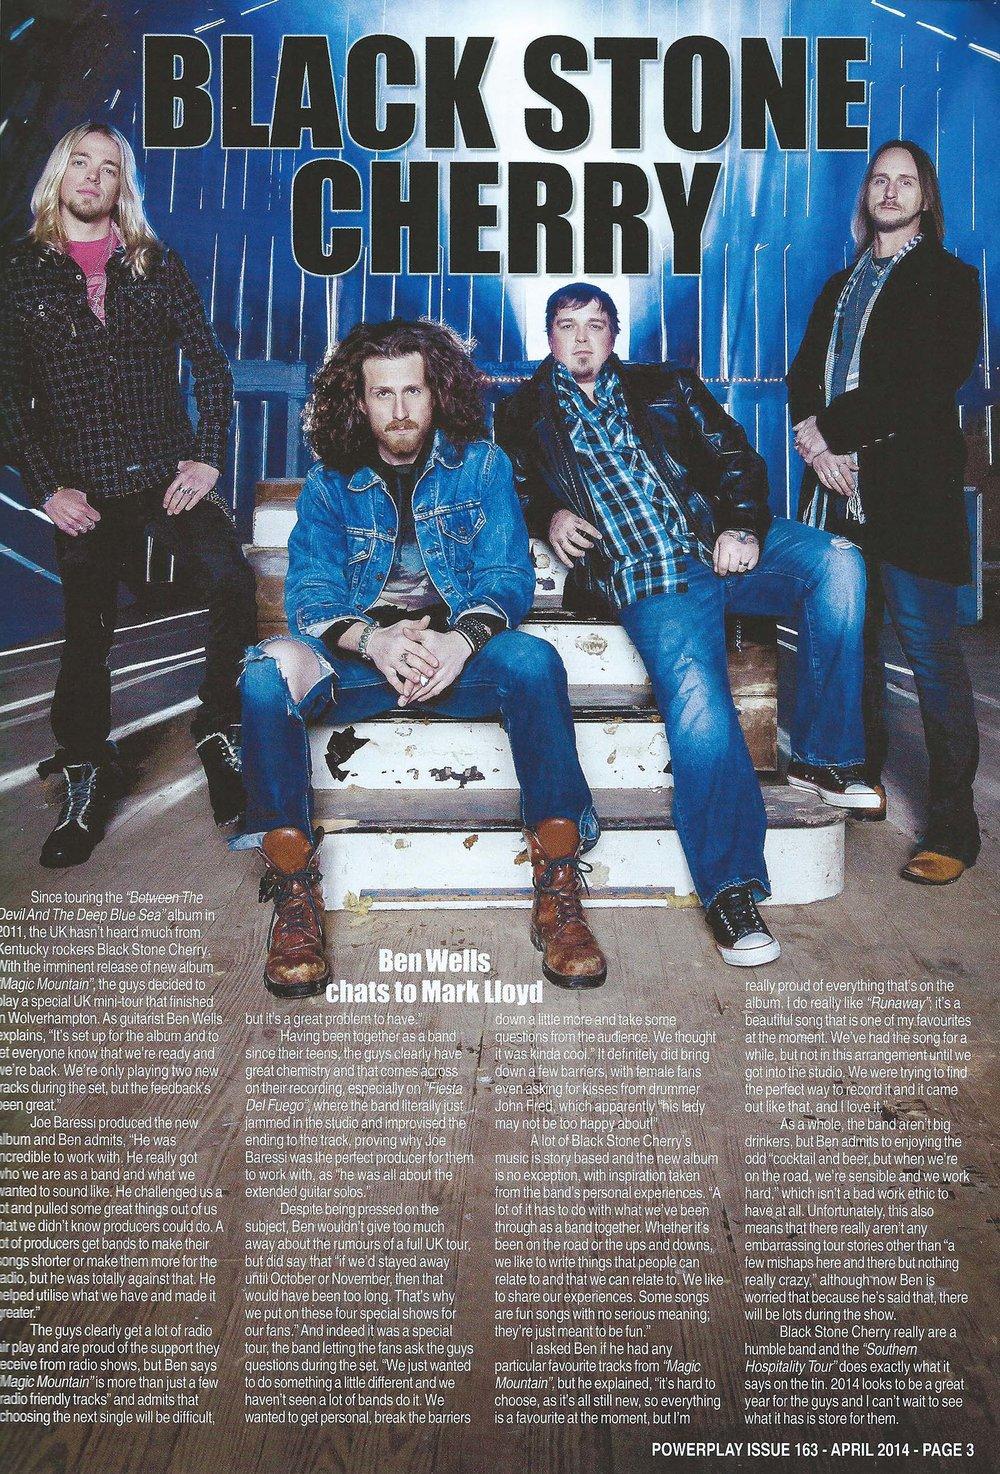 PowerPlay Magazine - Black Stone Cherry Interview